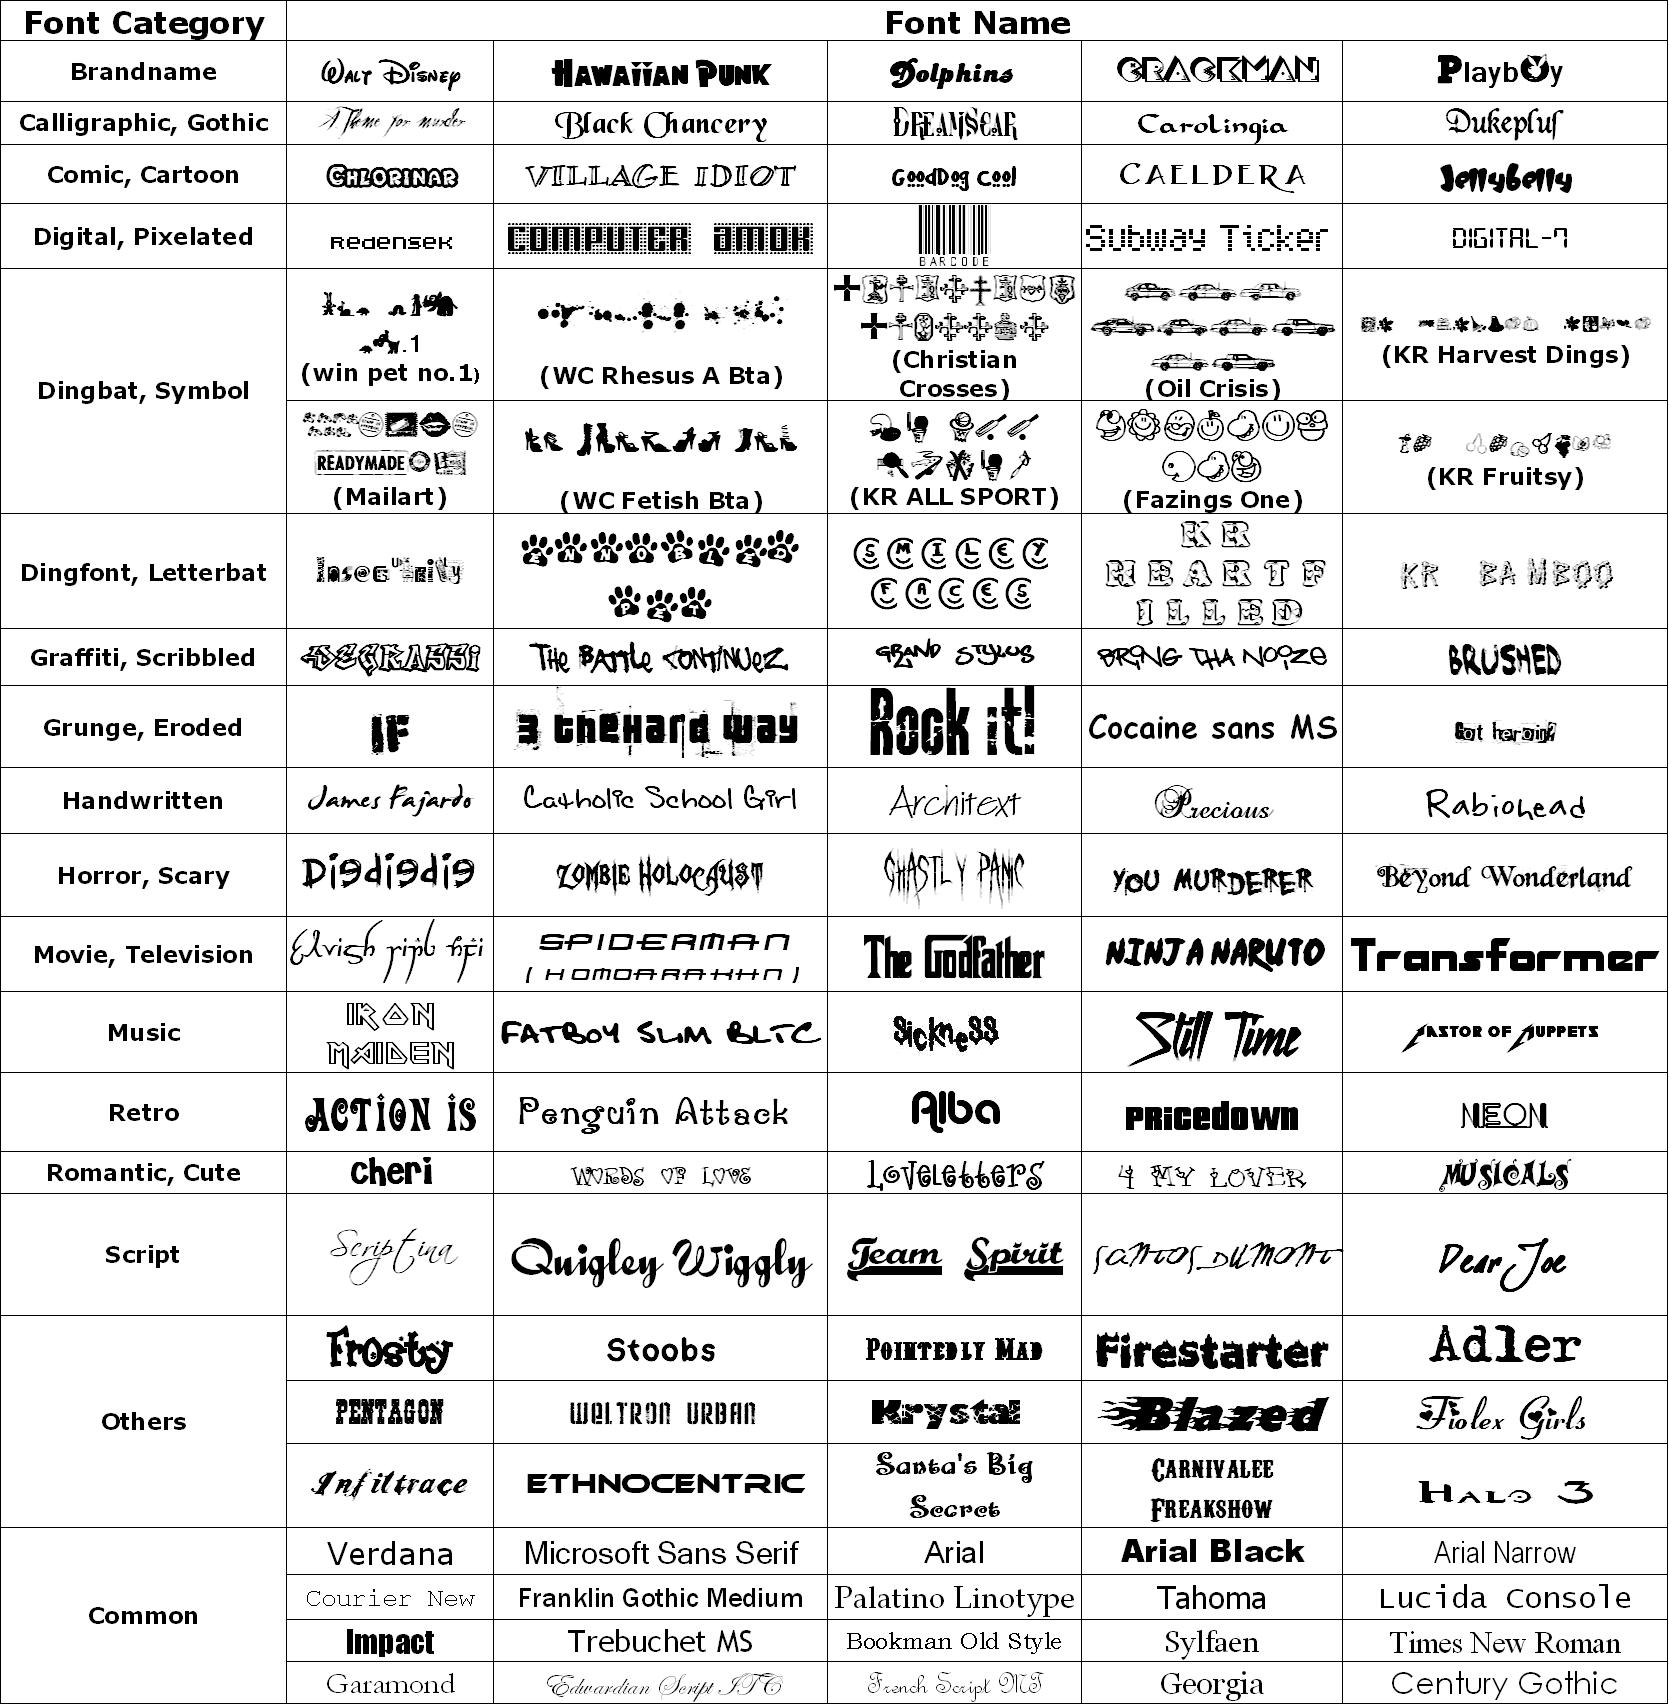 8 Popular Font Names Images